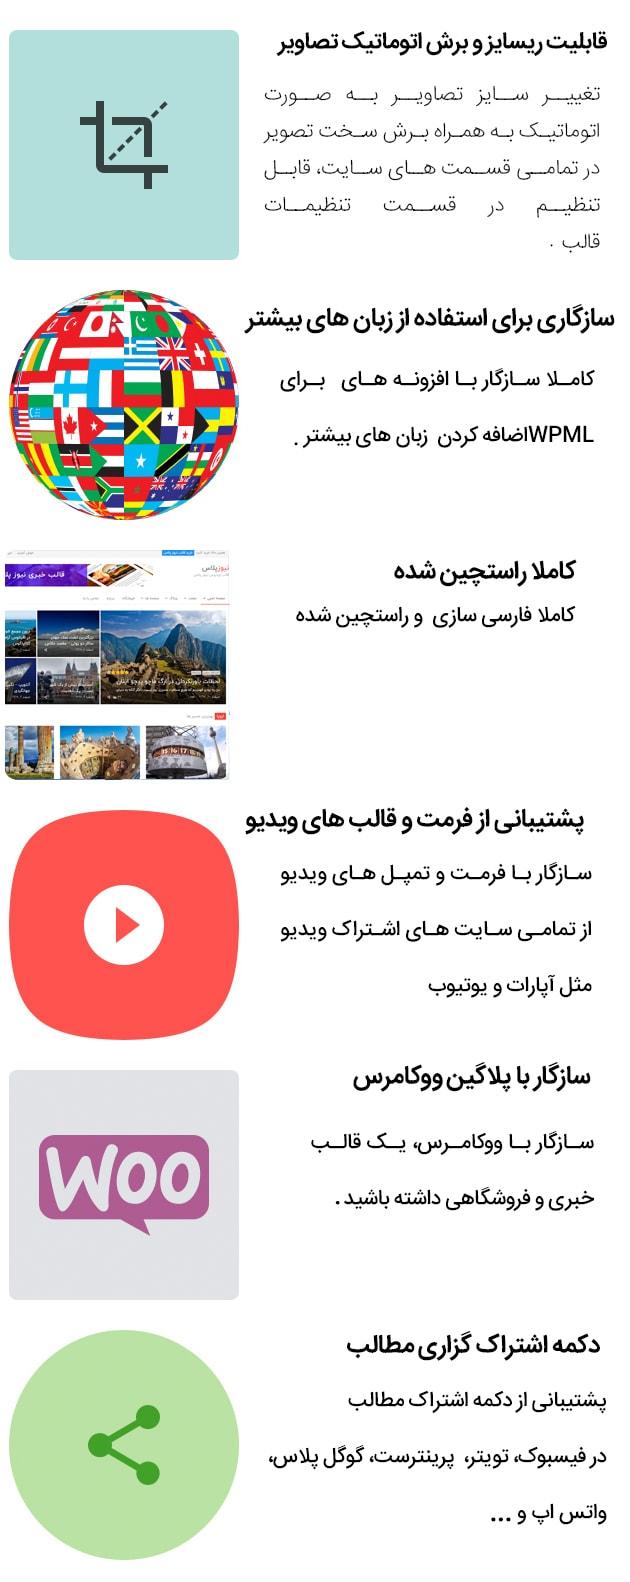 قالب خبری ایرانی نیوز پلاس